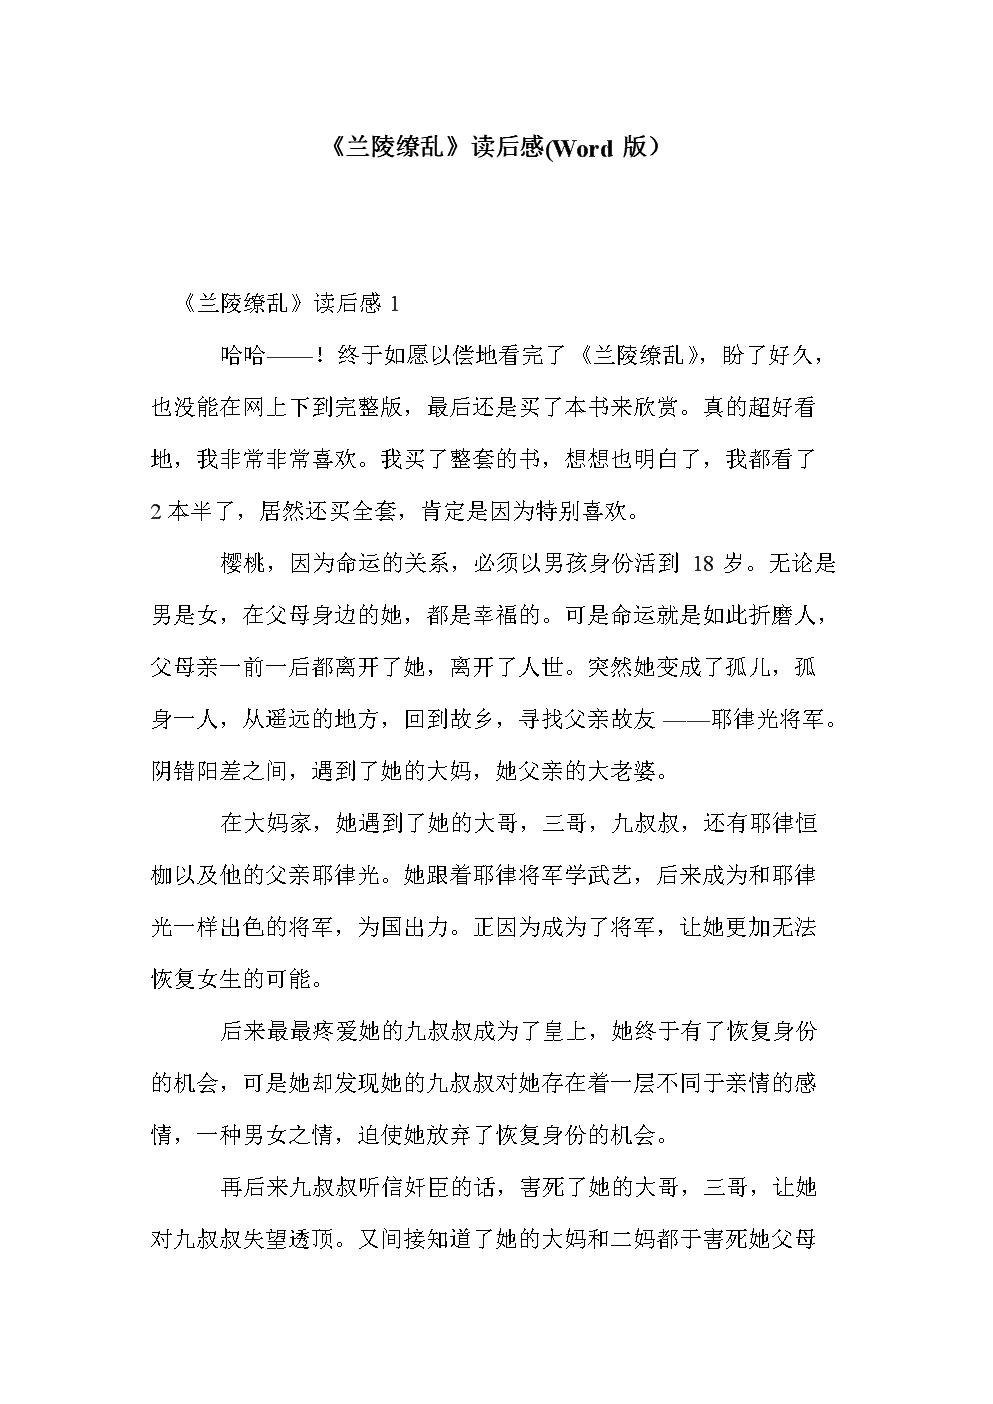 《兰陵缭乱》读后感(Word版).doc